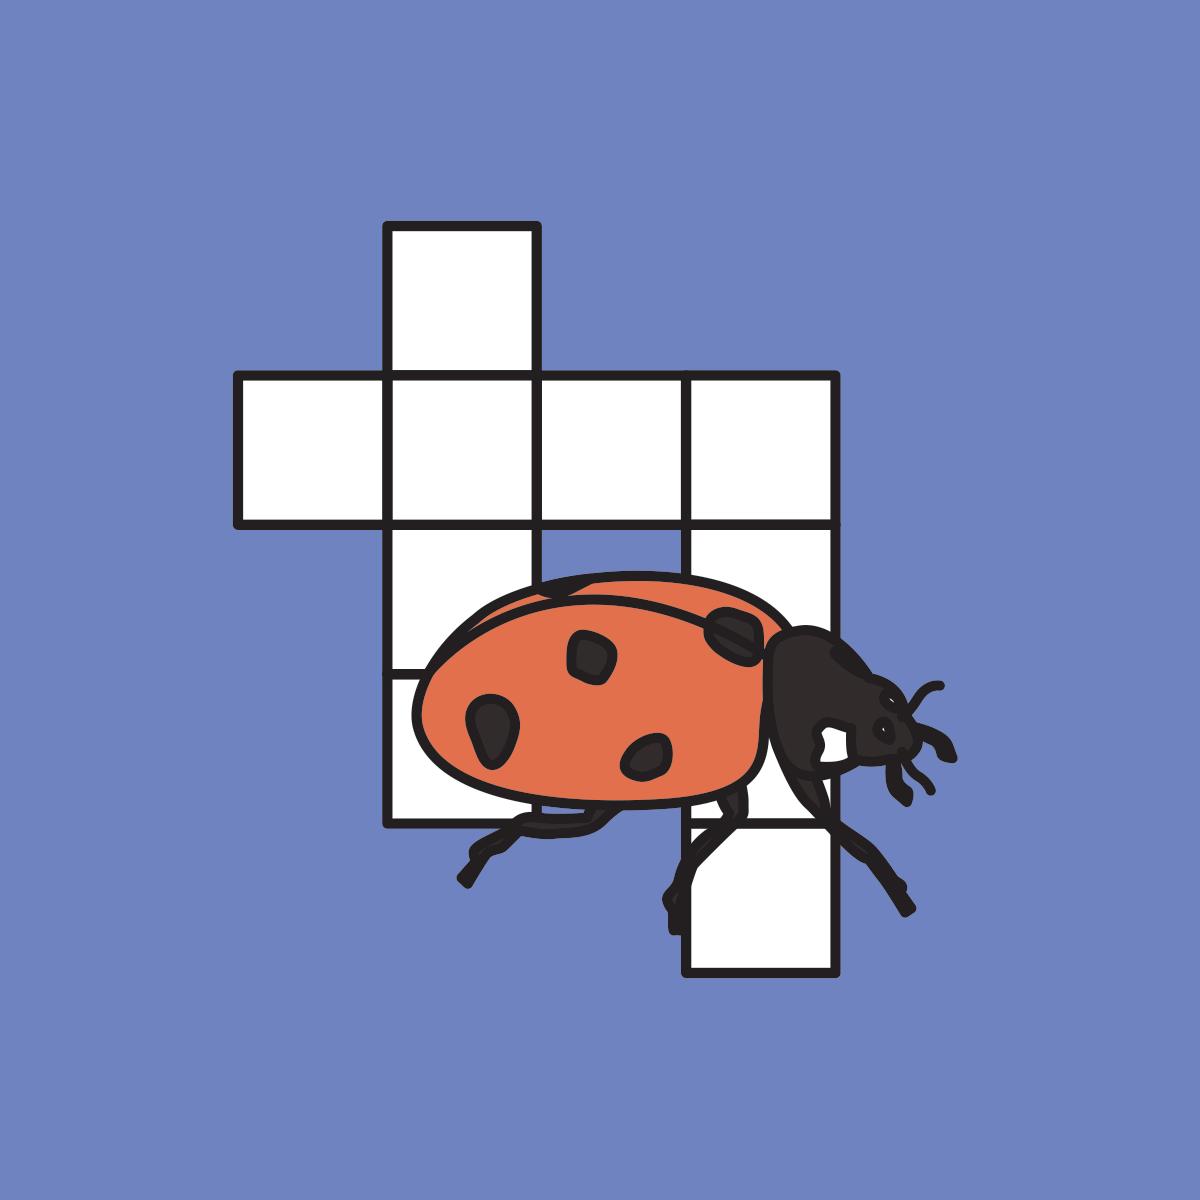 126 bugs